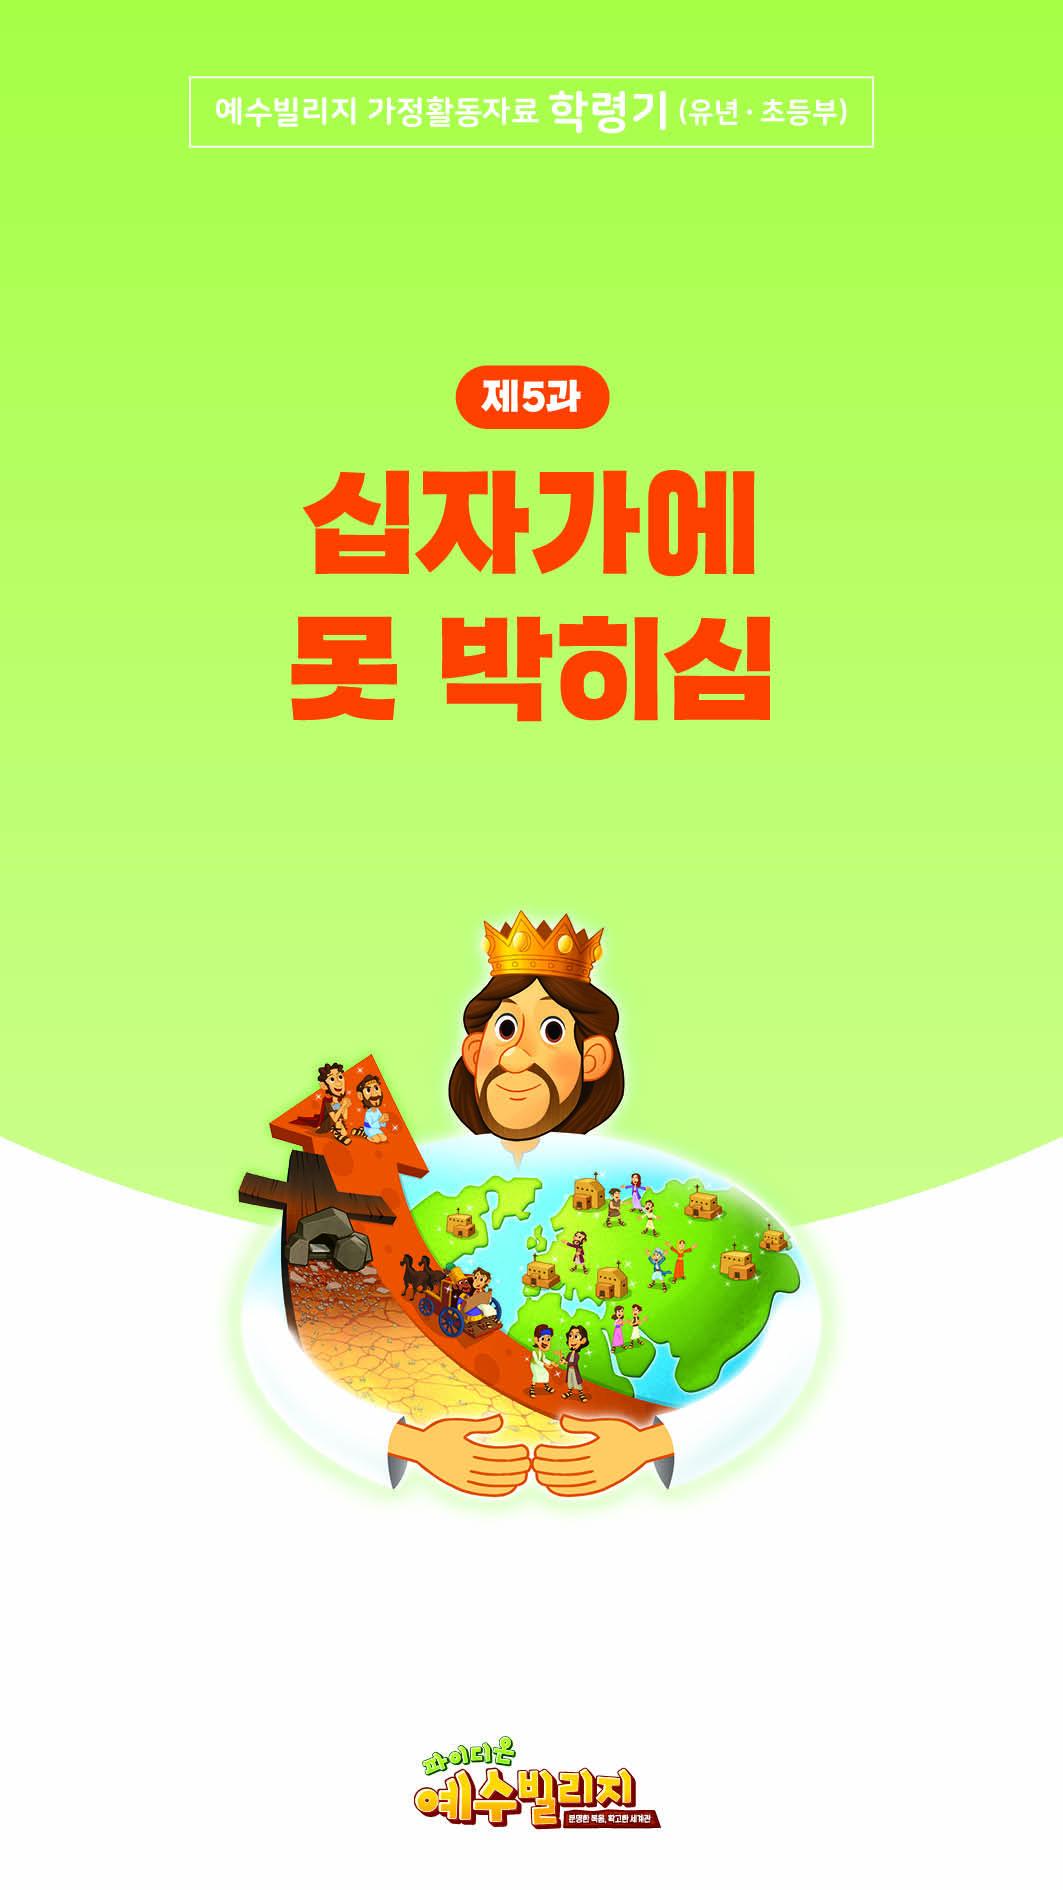 예빌 가정활동자료_신약2 모바일_5과 학령기.jpg